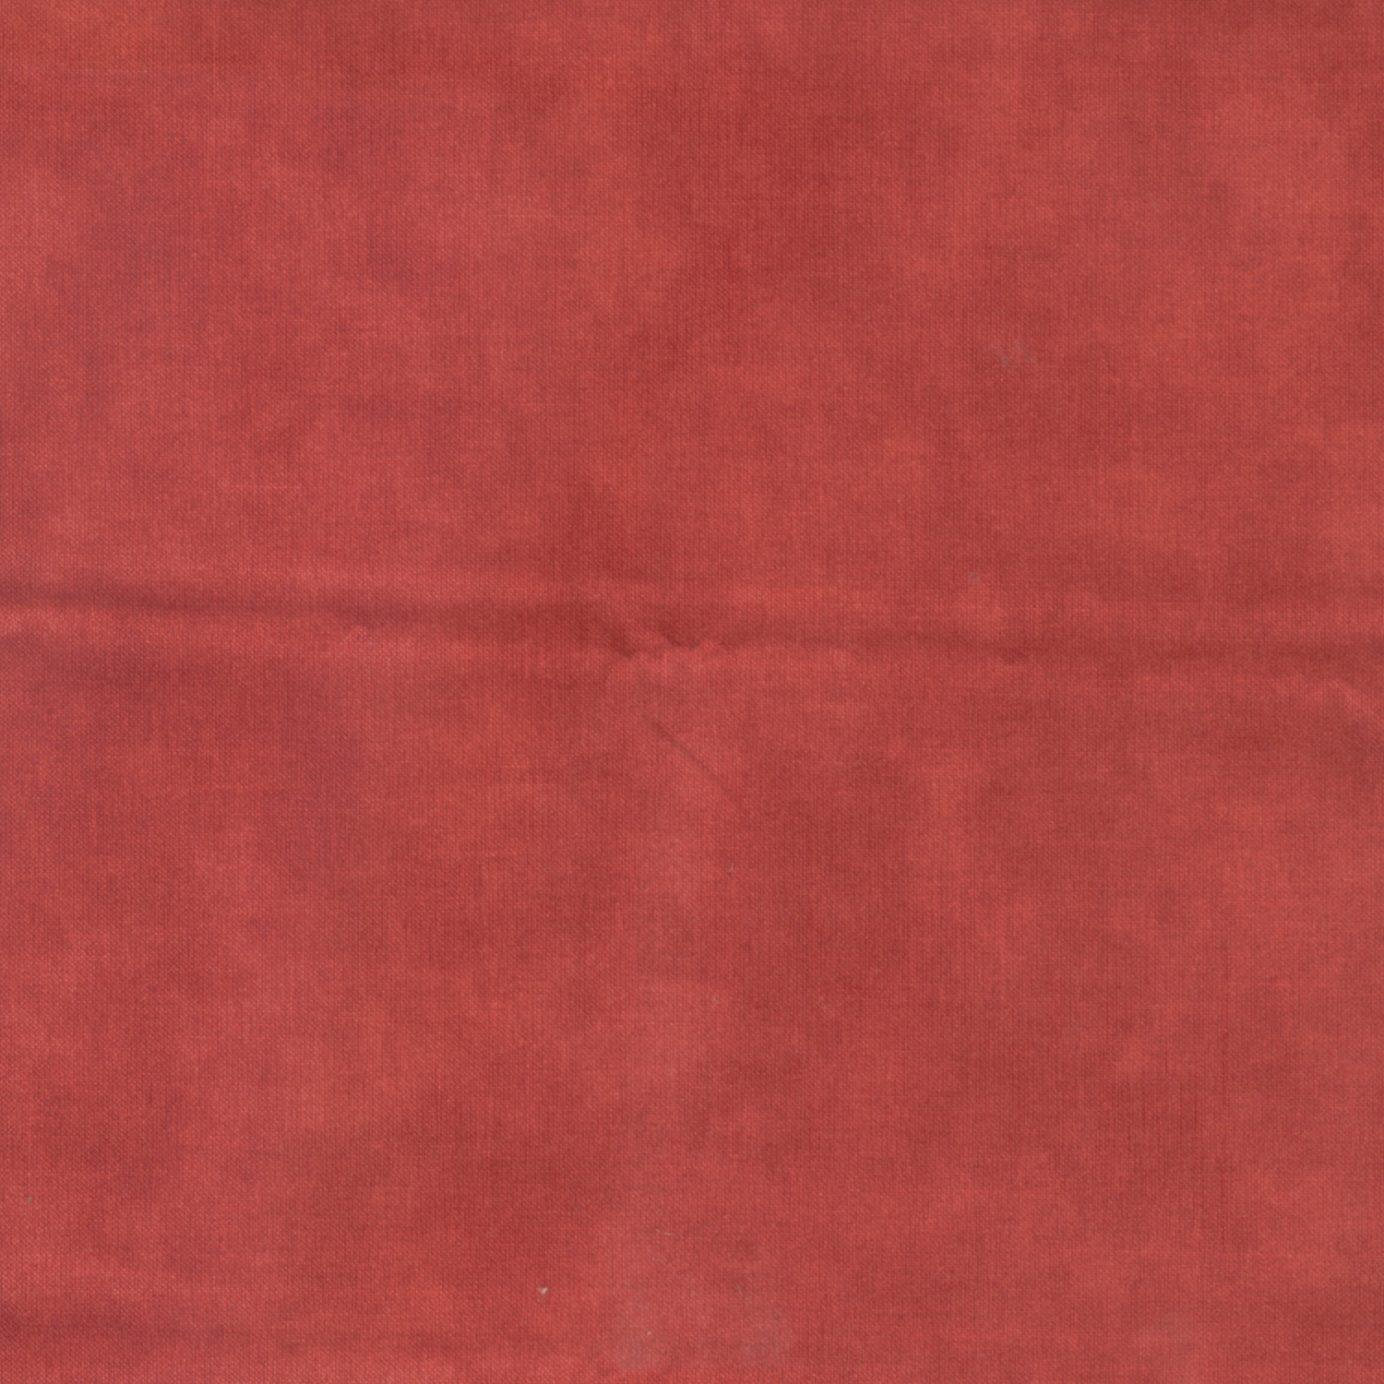 scarlet 14748 75